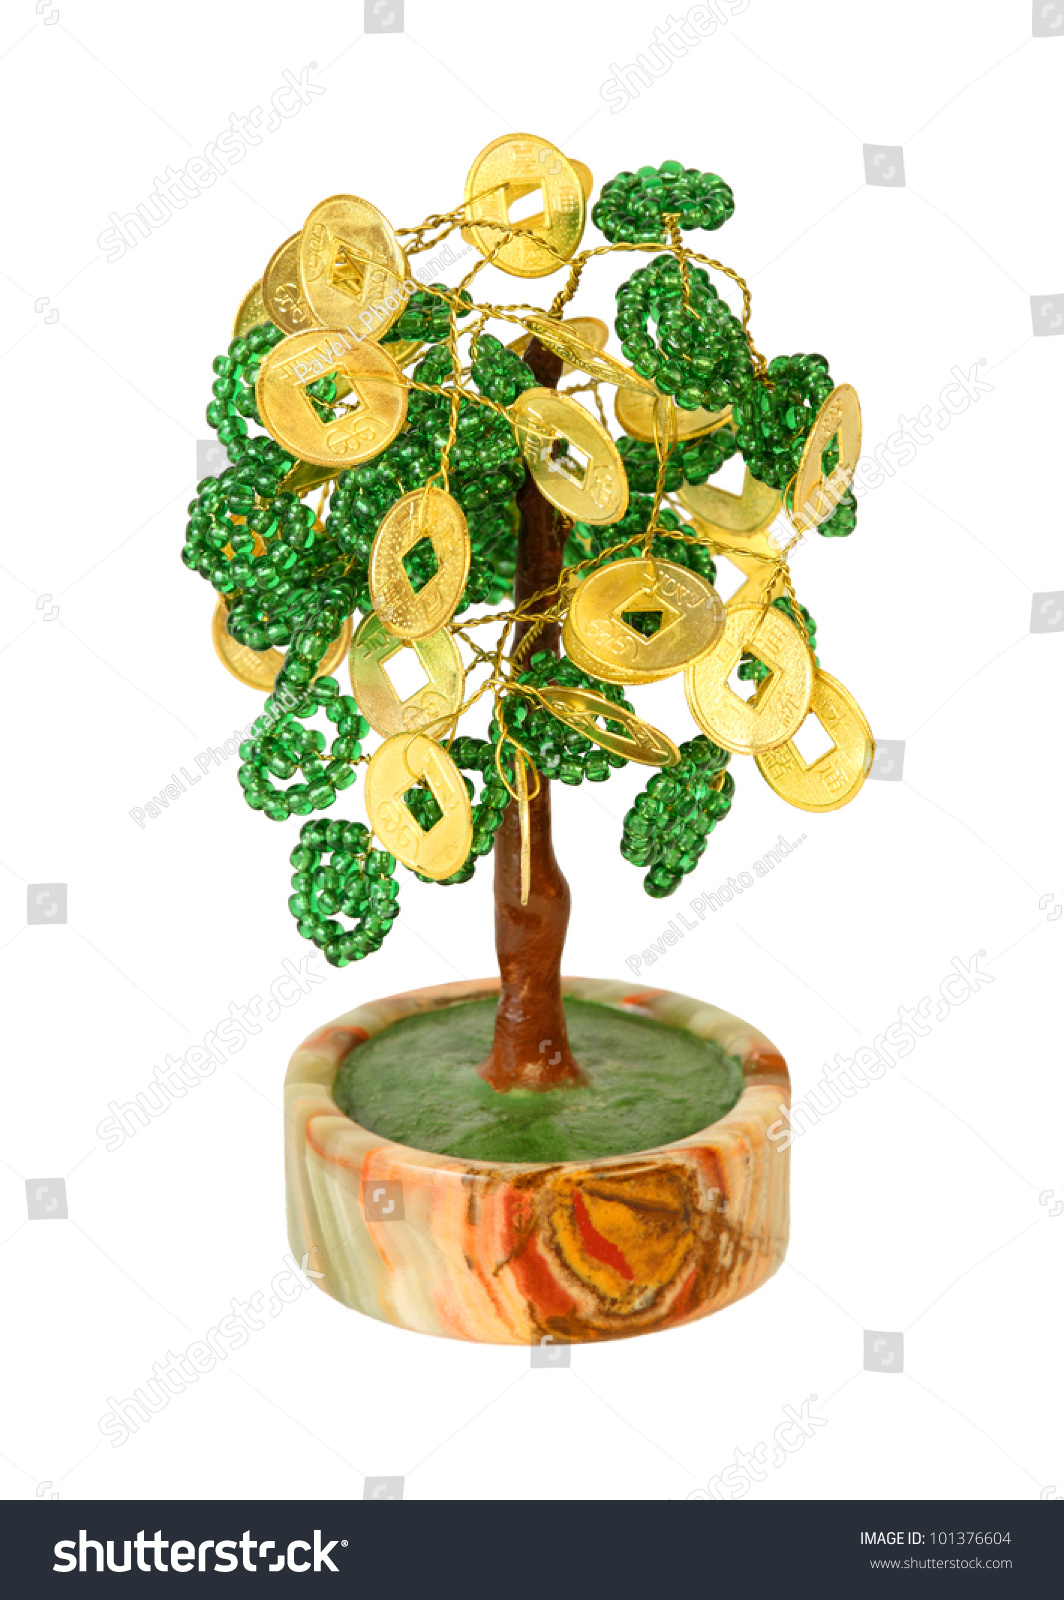 Chinese money tree symbol wealth growth stock photo 101376604 chinese money tree symbol of wealth growth isolated on white background buycottarizona Images